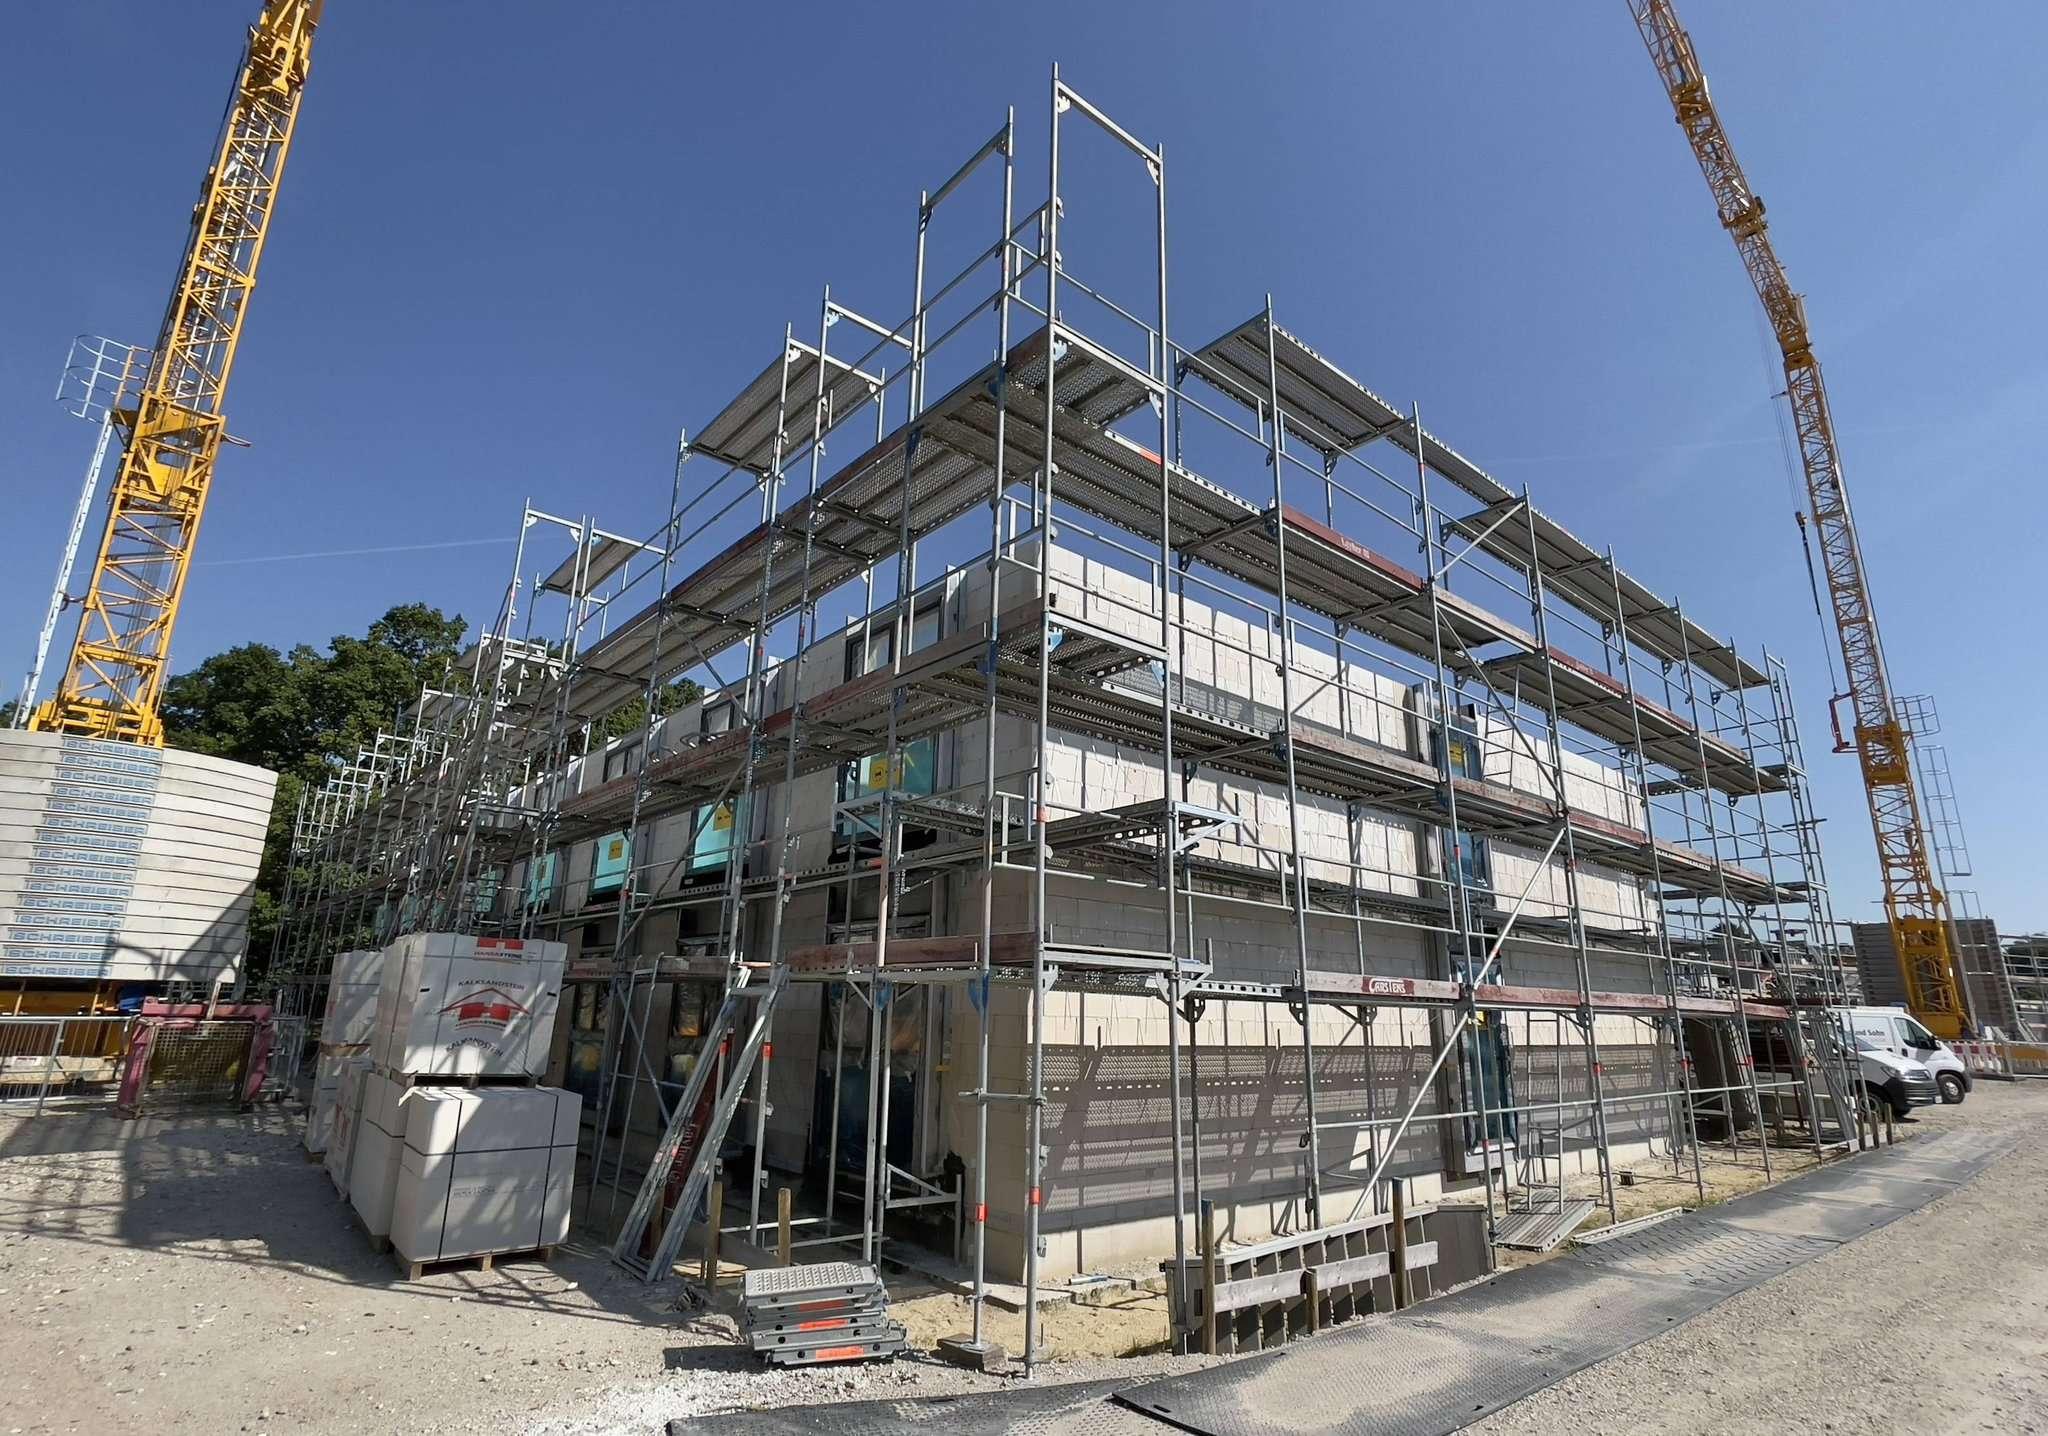 Der Bau des neuen Wohnheims am Therkornsberg geht gut voran. Im September 2022 wird es laut Rotenburger Diakonissen-Mutterhaus bezugsfertig sein. Foto: Menker